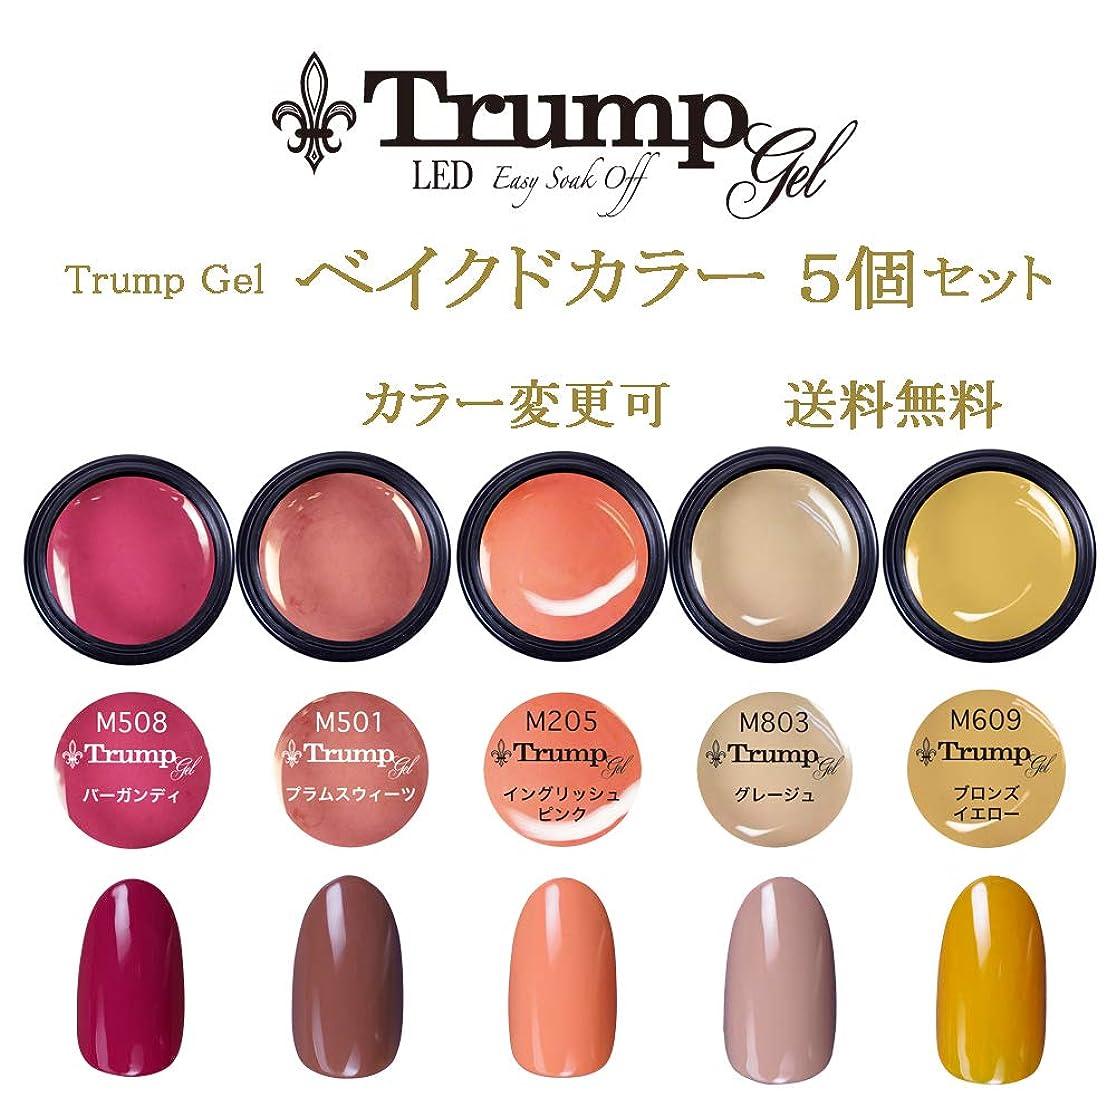 プレビュー食用羊飼い【送料無料】日本製 Trump gel トランプジェル ベイクドカラー 選べる カラージェル 5個セット ミルキーネイル ベージュ オレンジ カラー